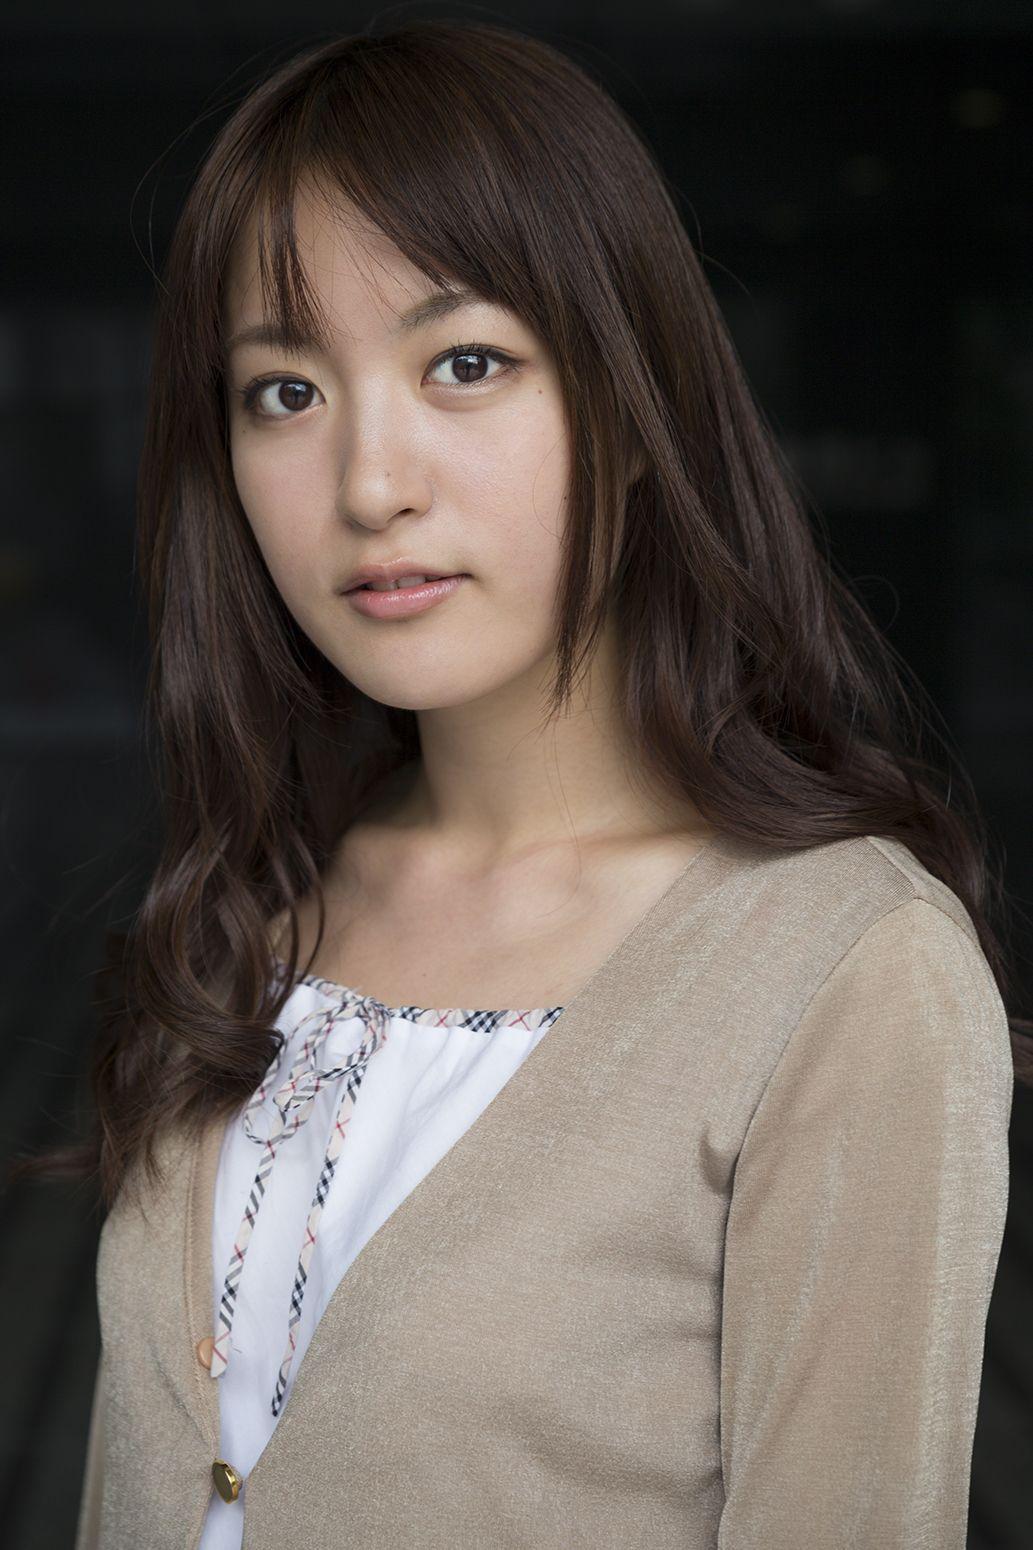 小松未可子さんの画像その73